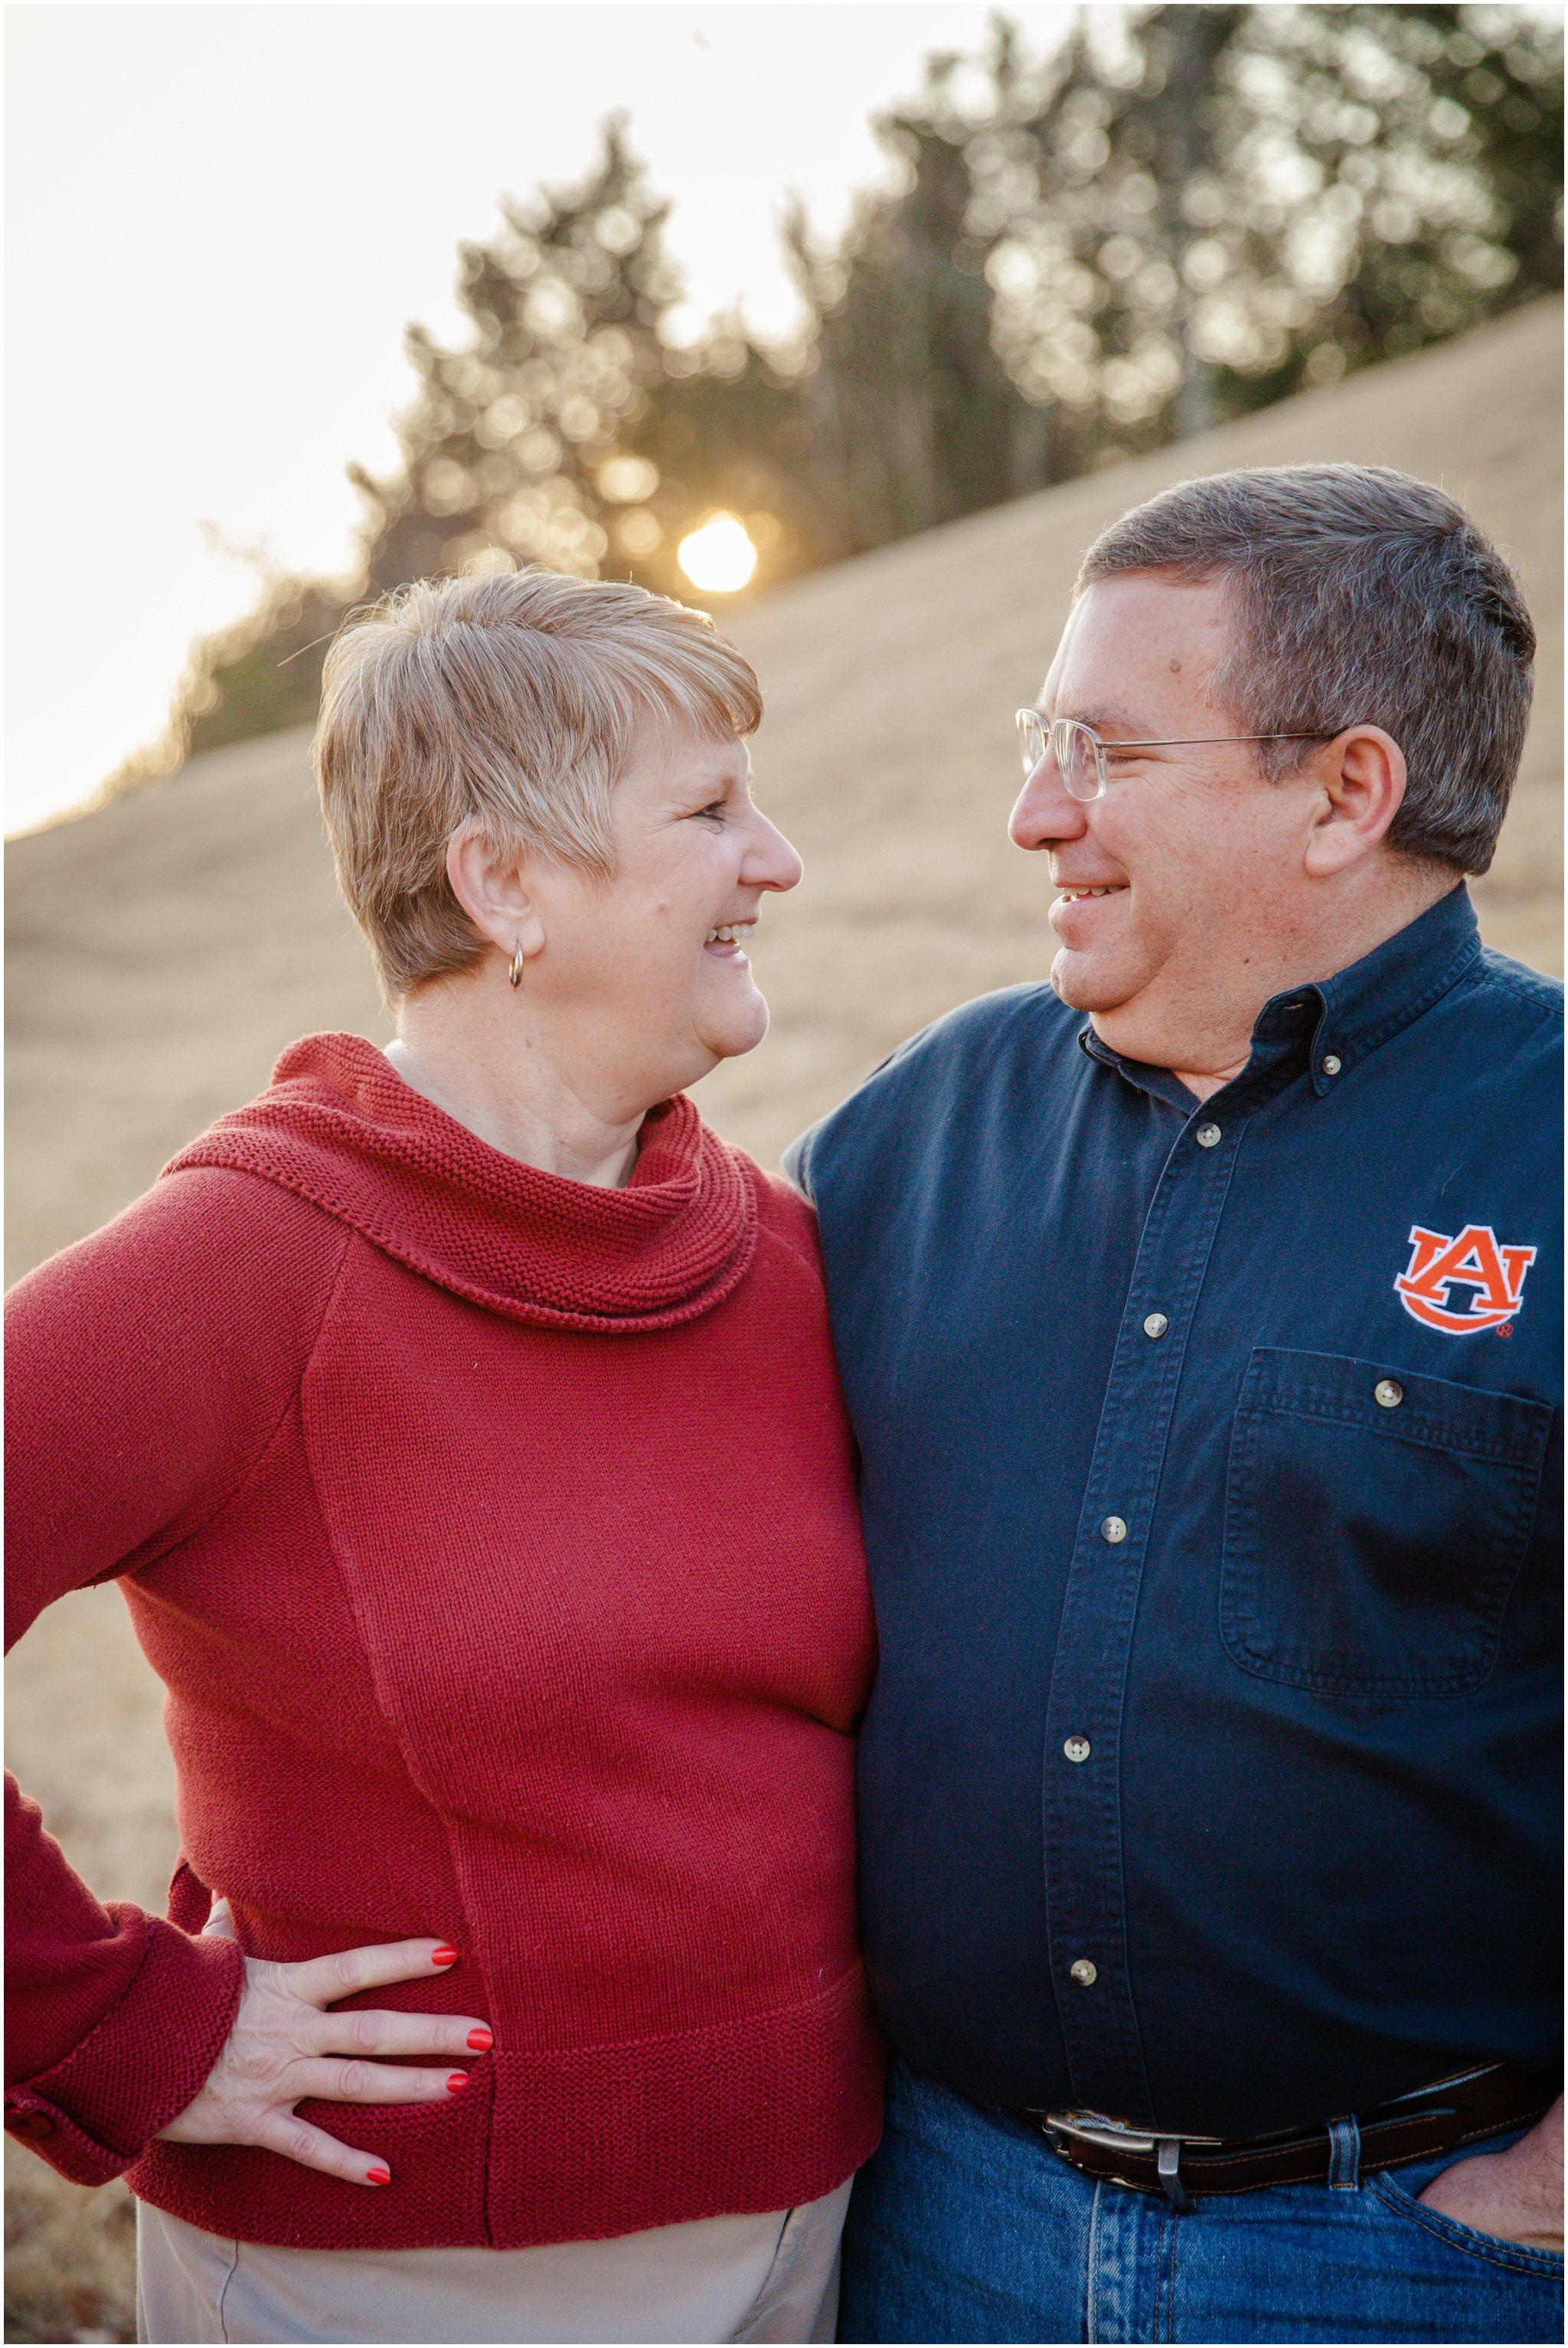 Parent Portraits in Nashville, TN